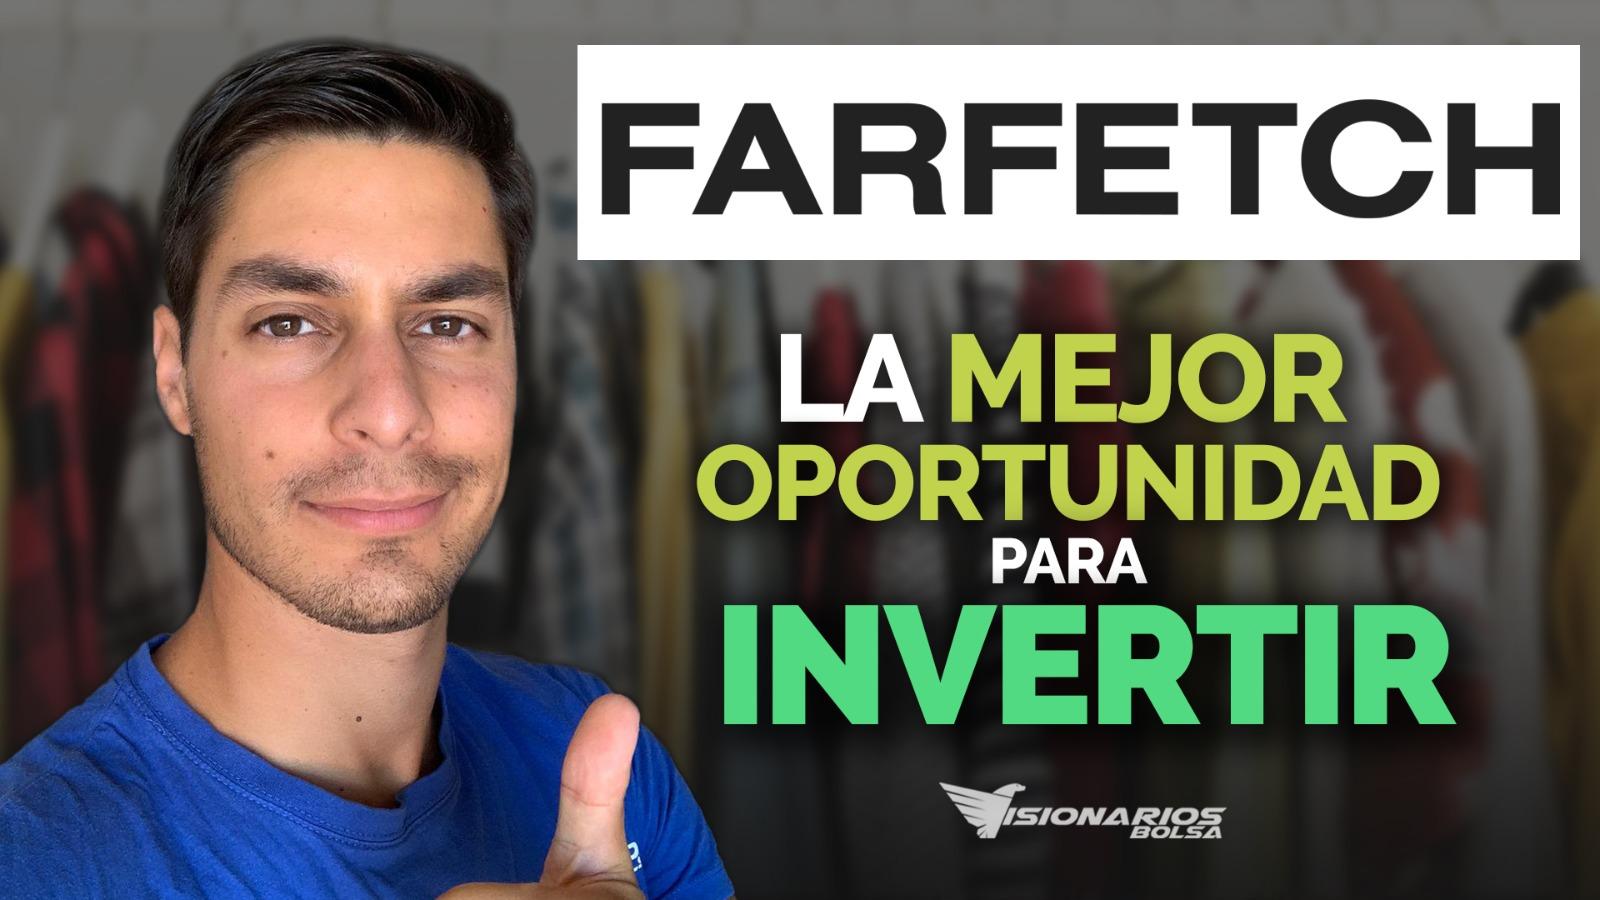 Análisis Farfetch, Esta Empresa Tiene Mucho Potencial